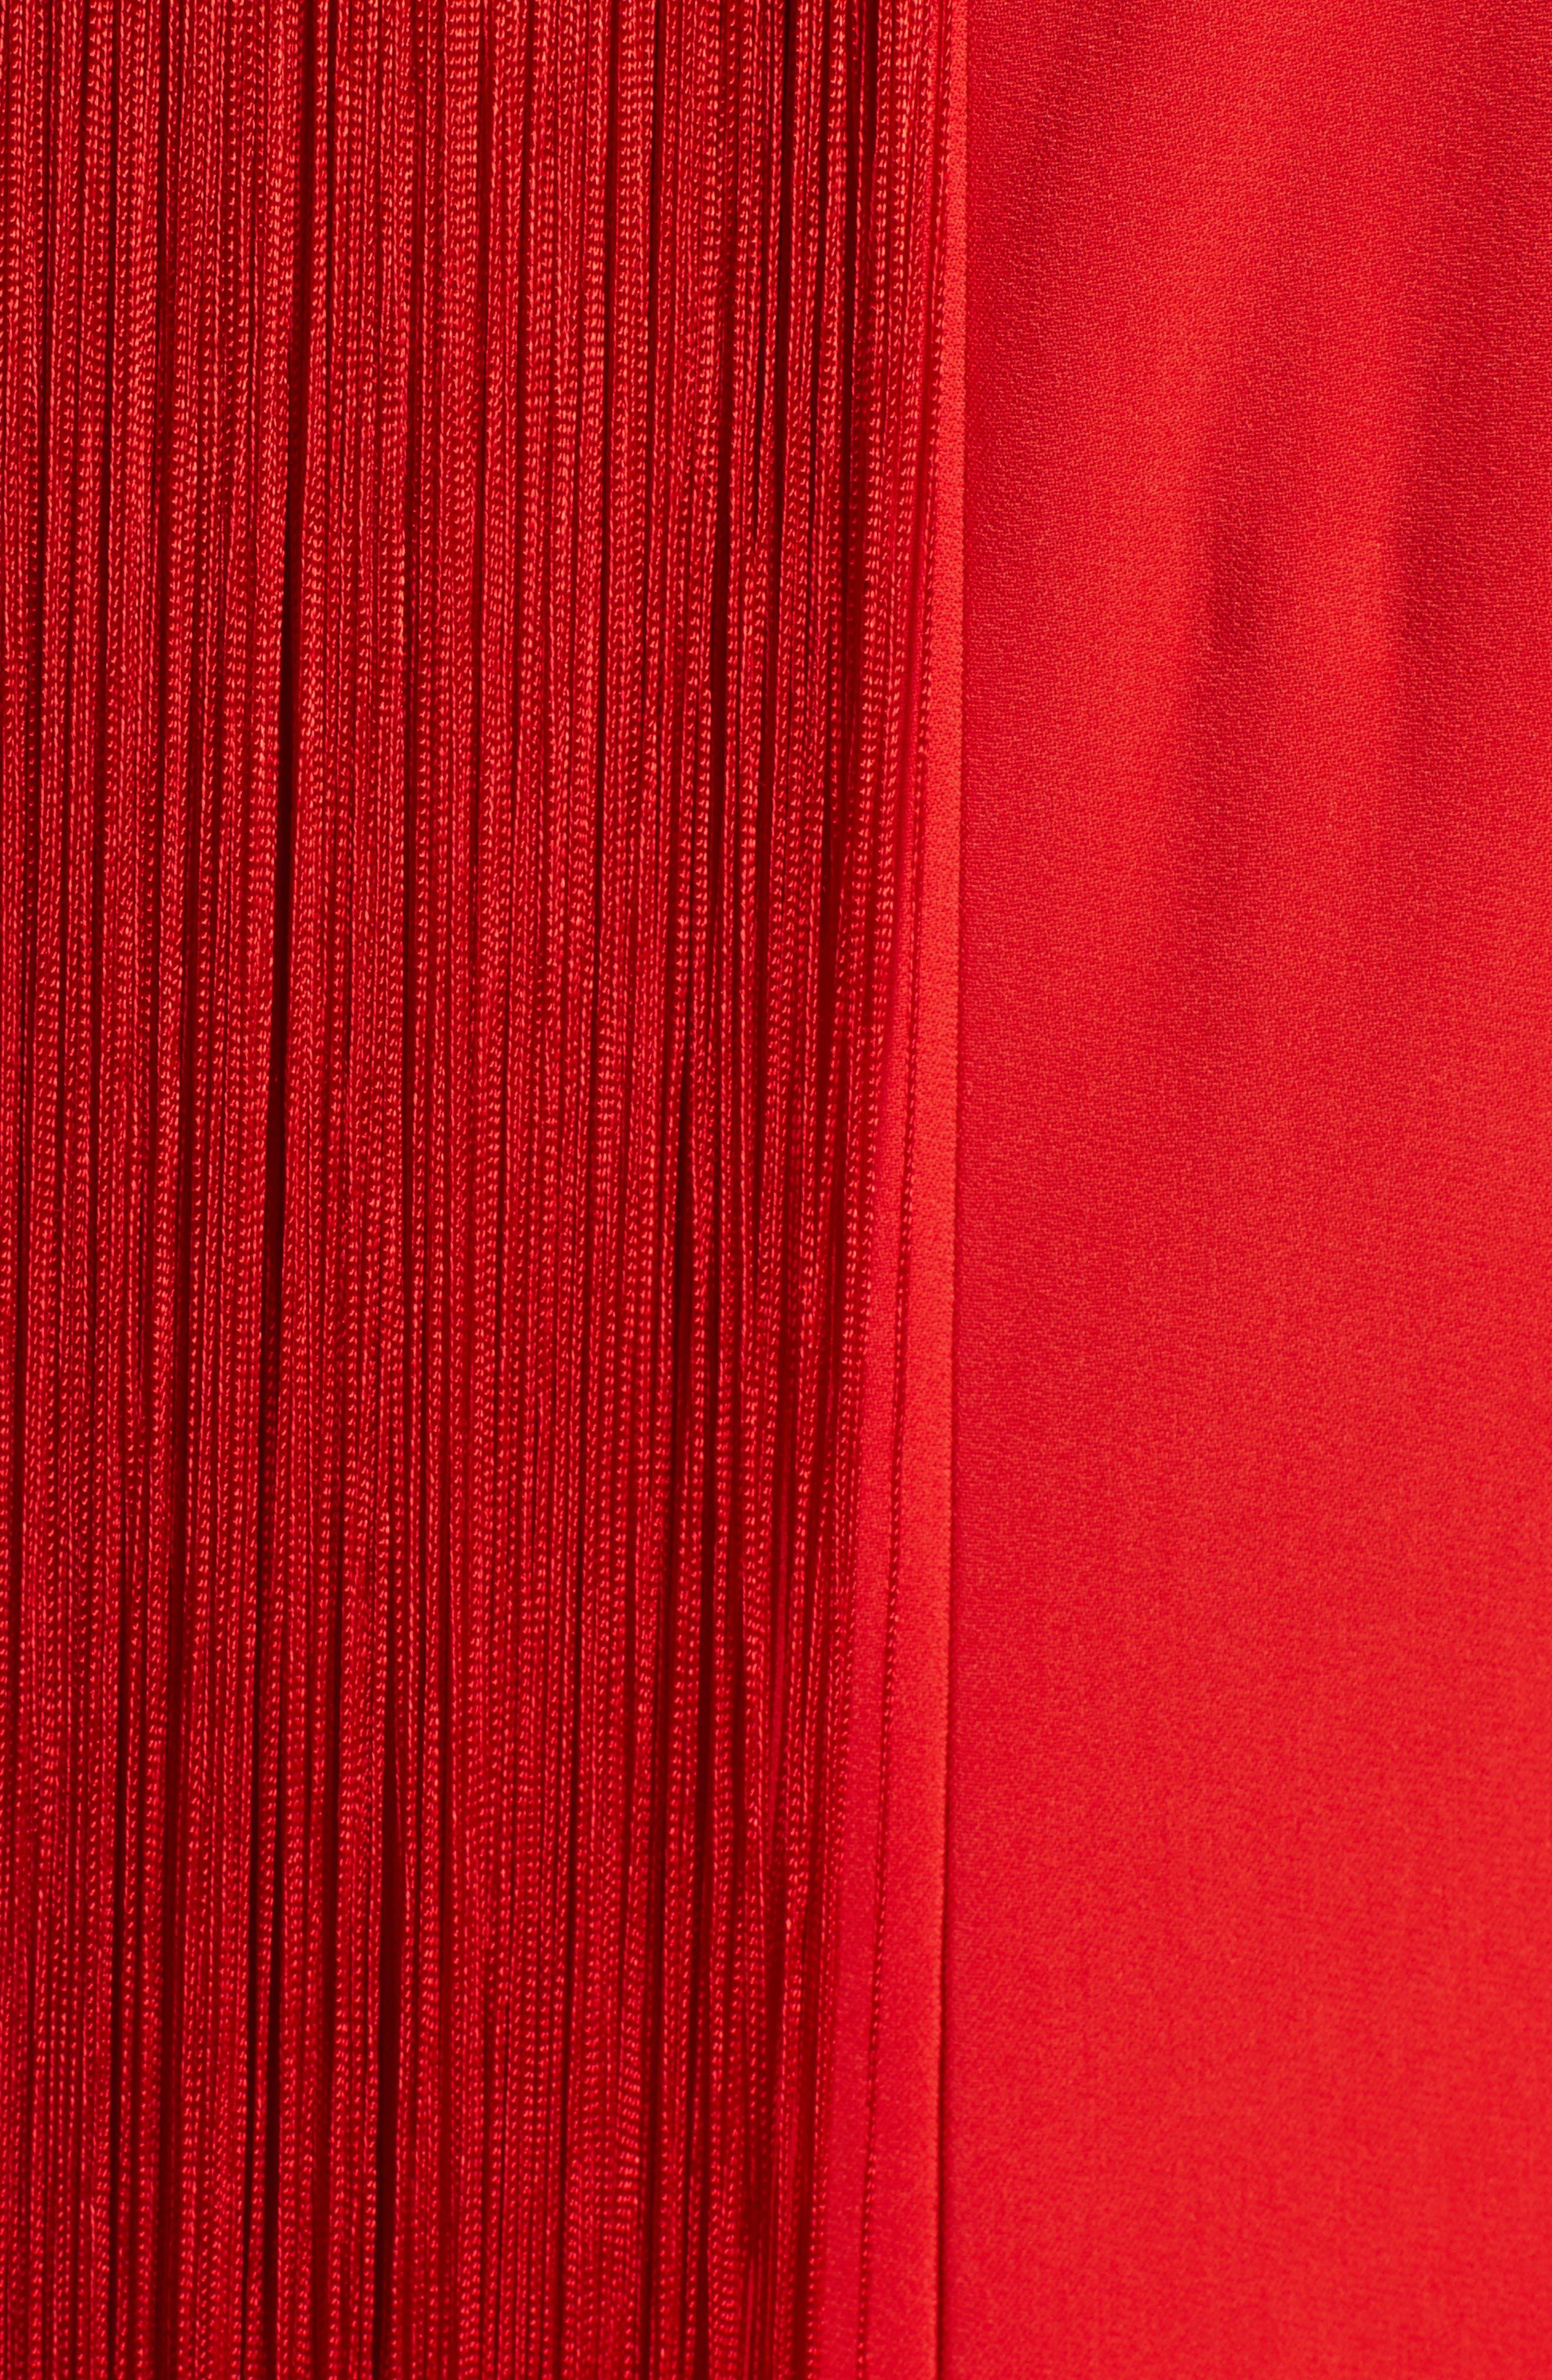 Fringe Overlay Dress,                             Alternate thumbnail 5, color,                             612